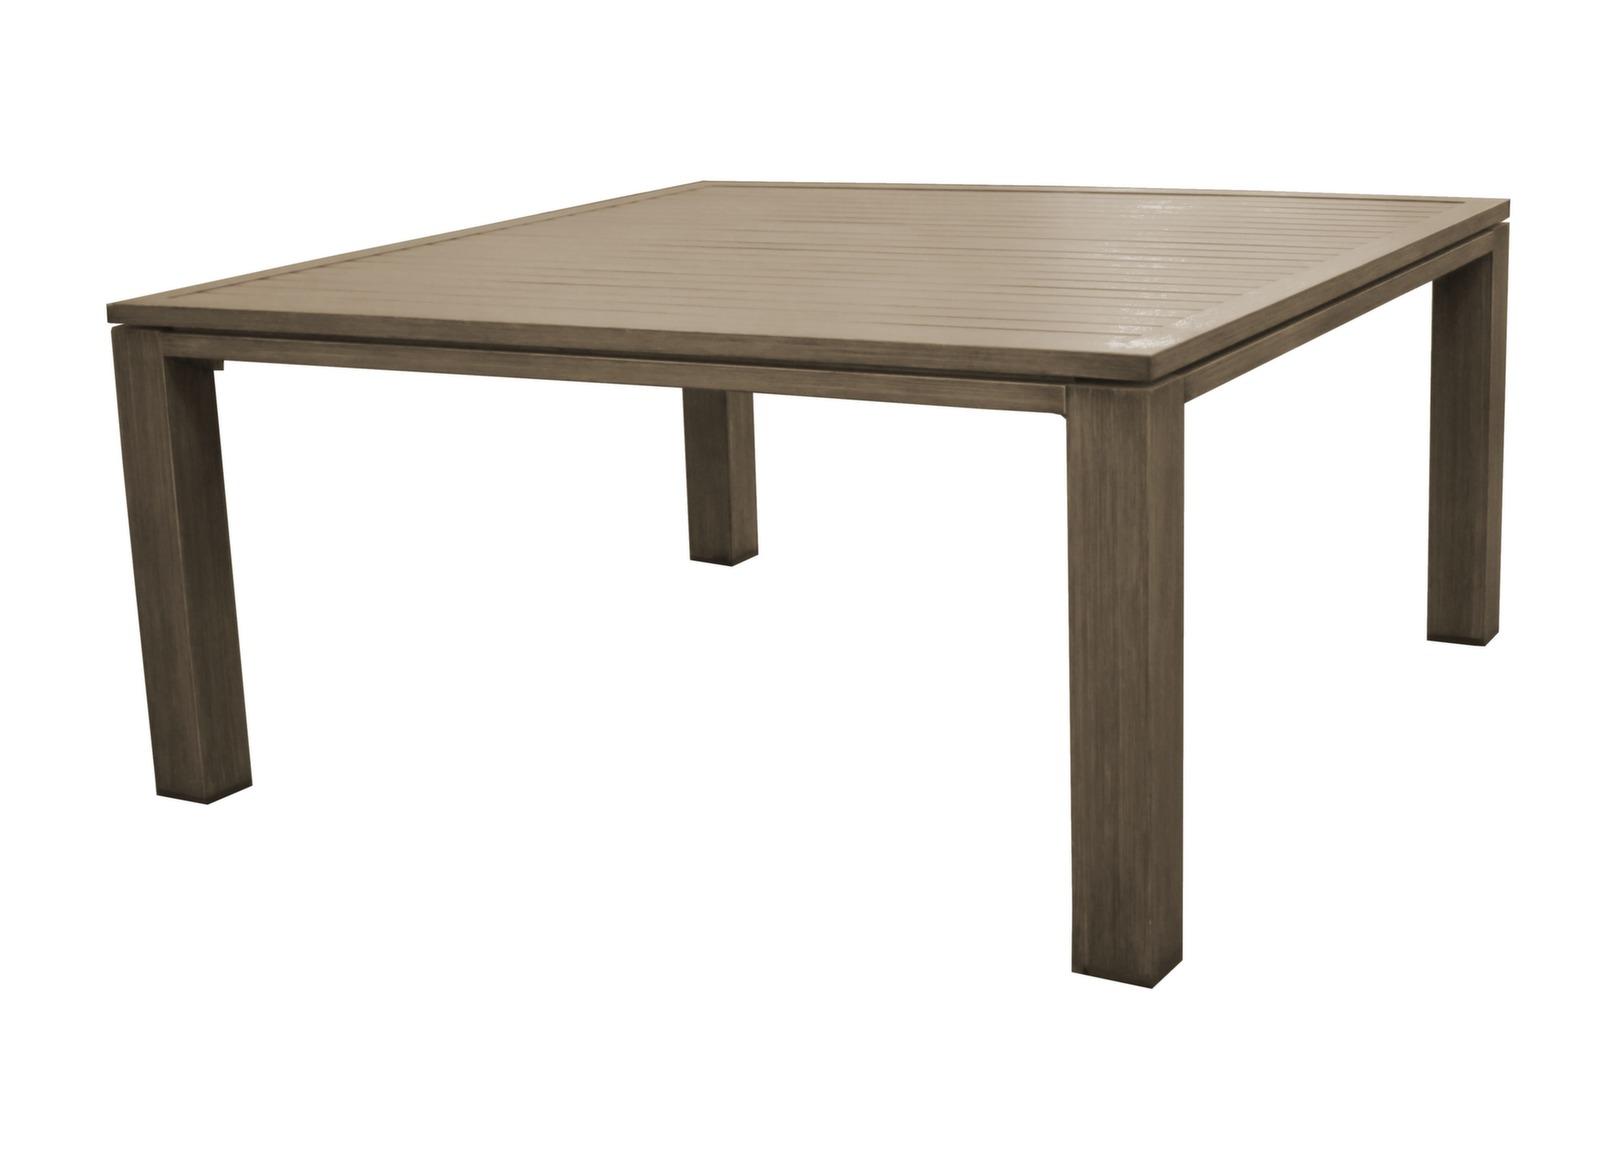 Table de jardin aluminium - Mobilier de jardin - Proloisirs